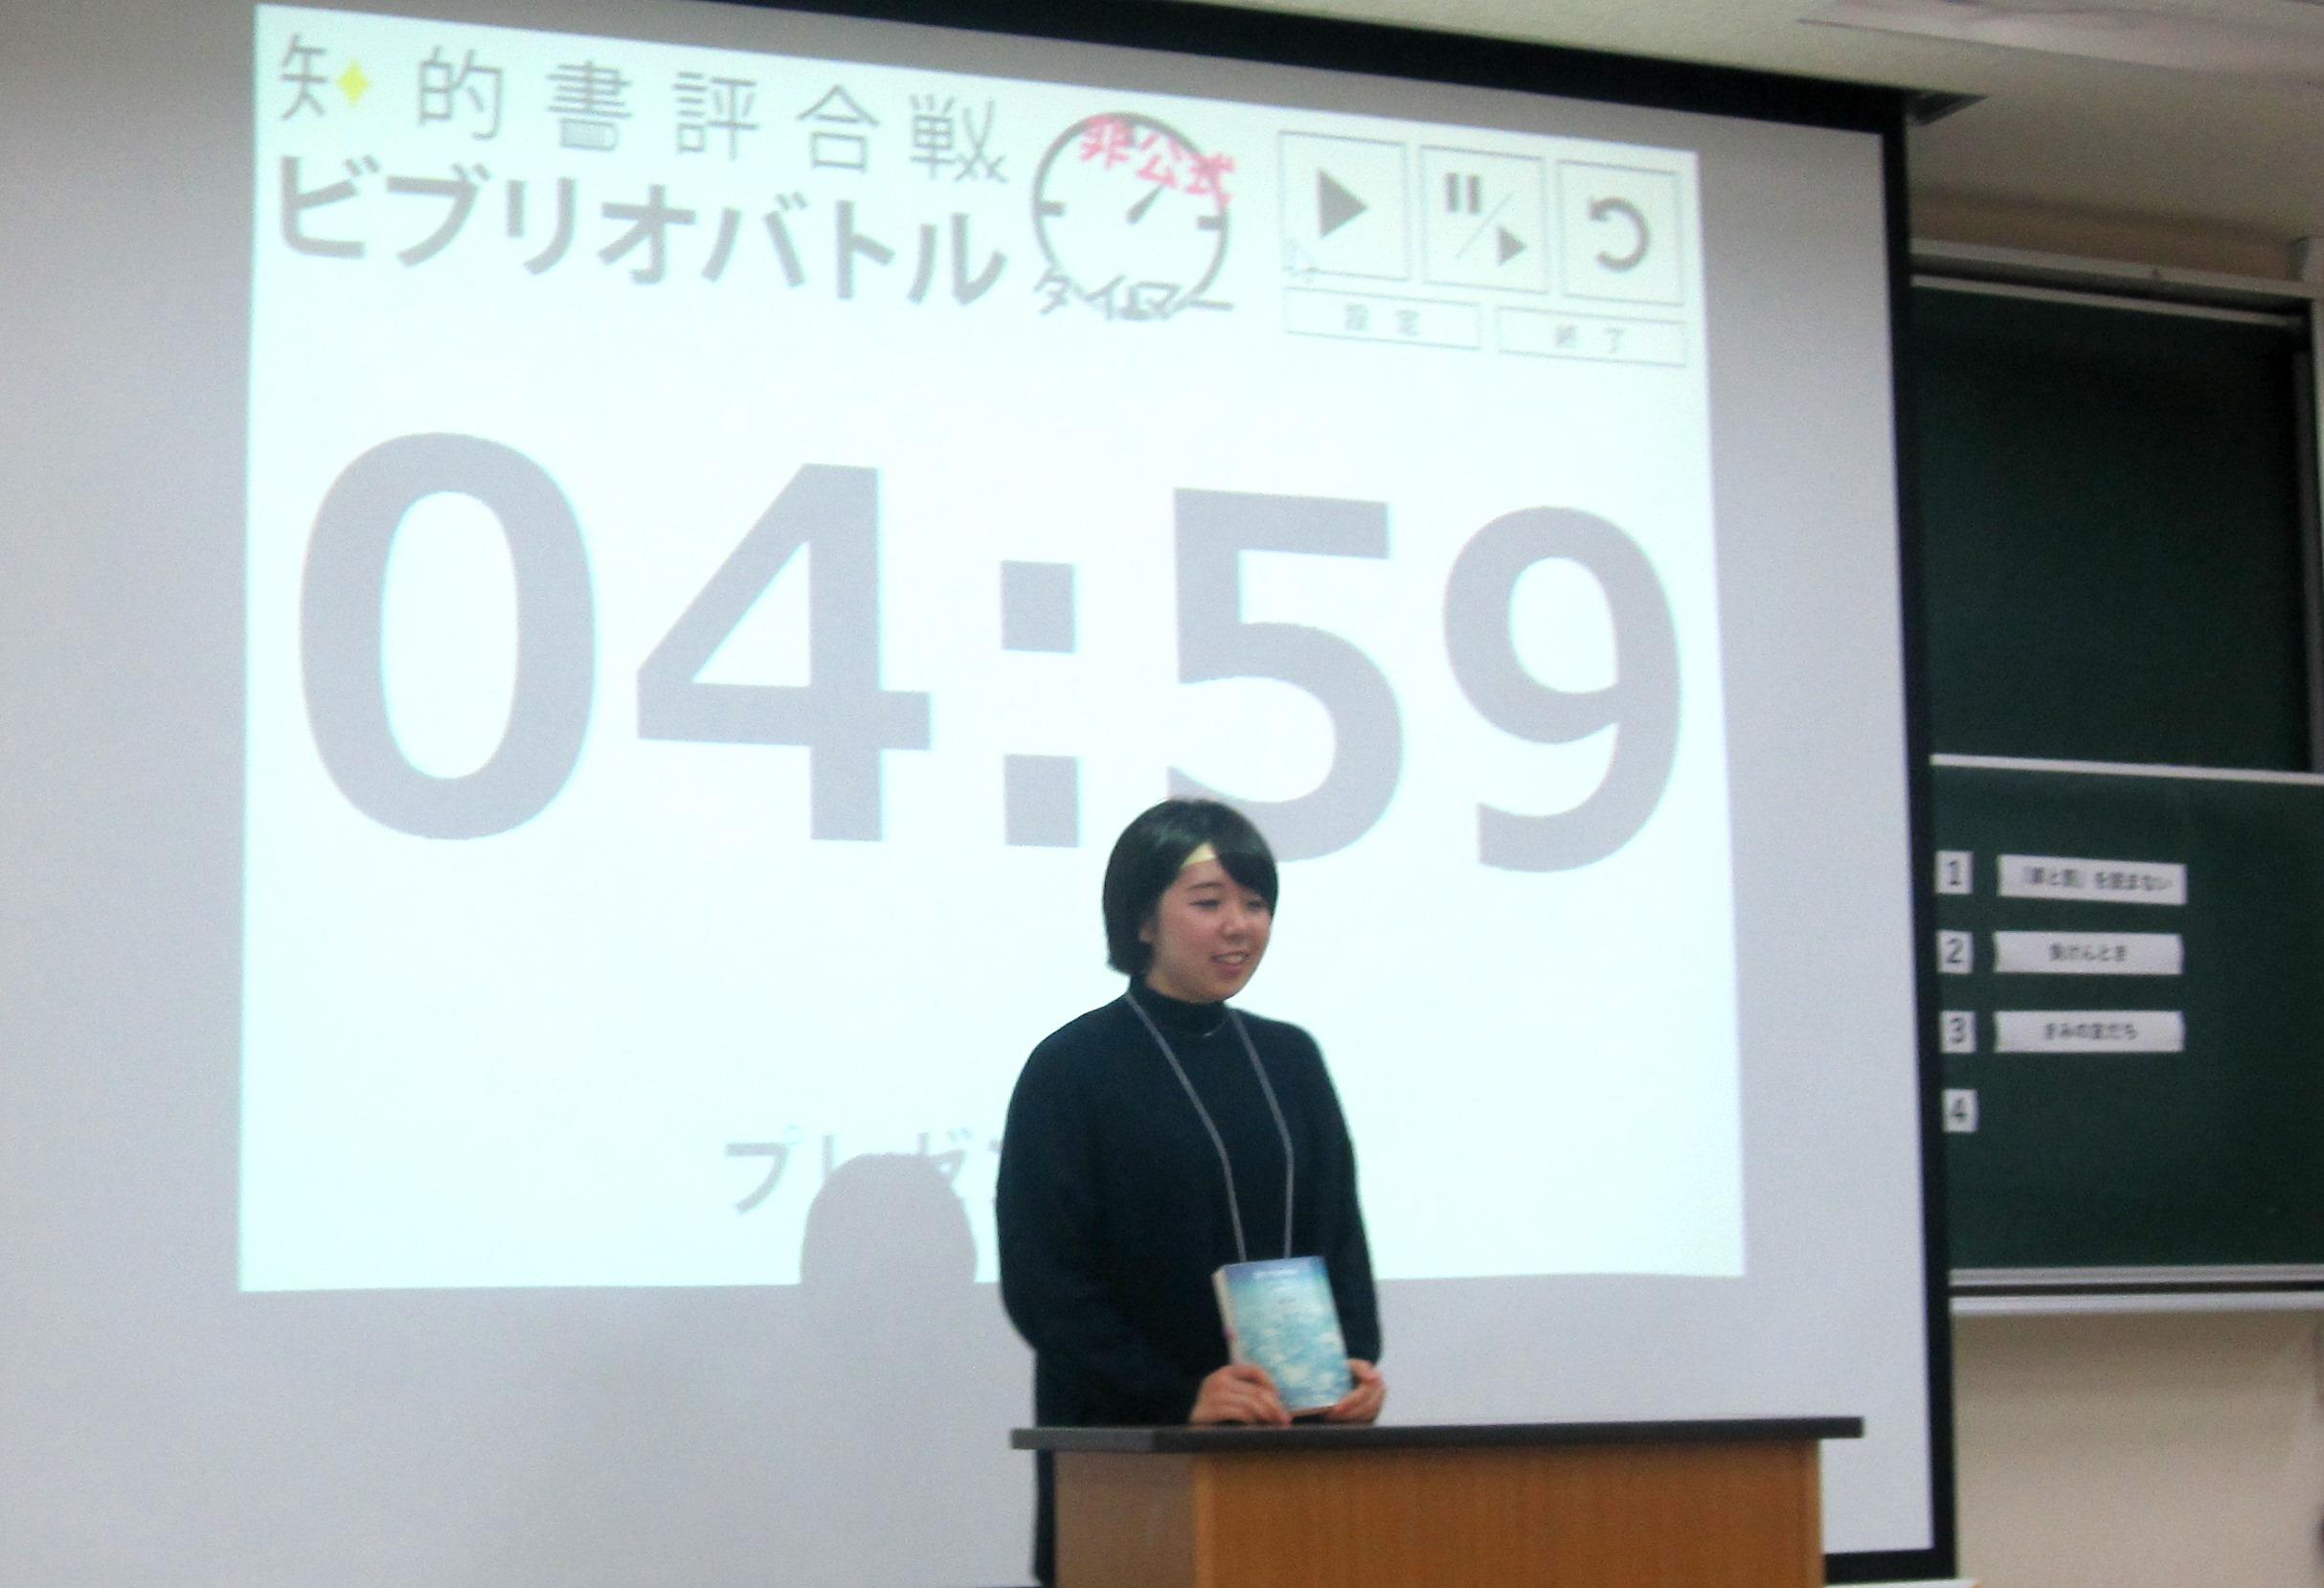 2017.11.27白倉理絵① (ビブリオバトル地区決戦)